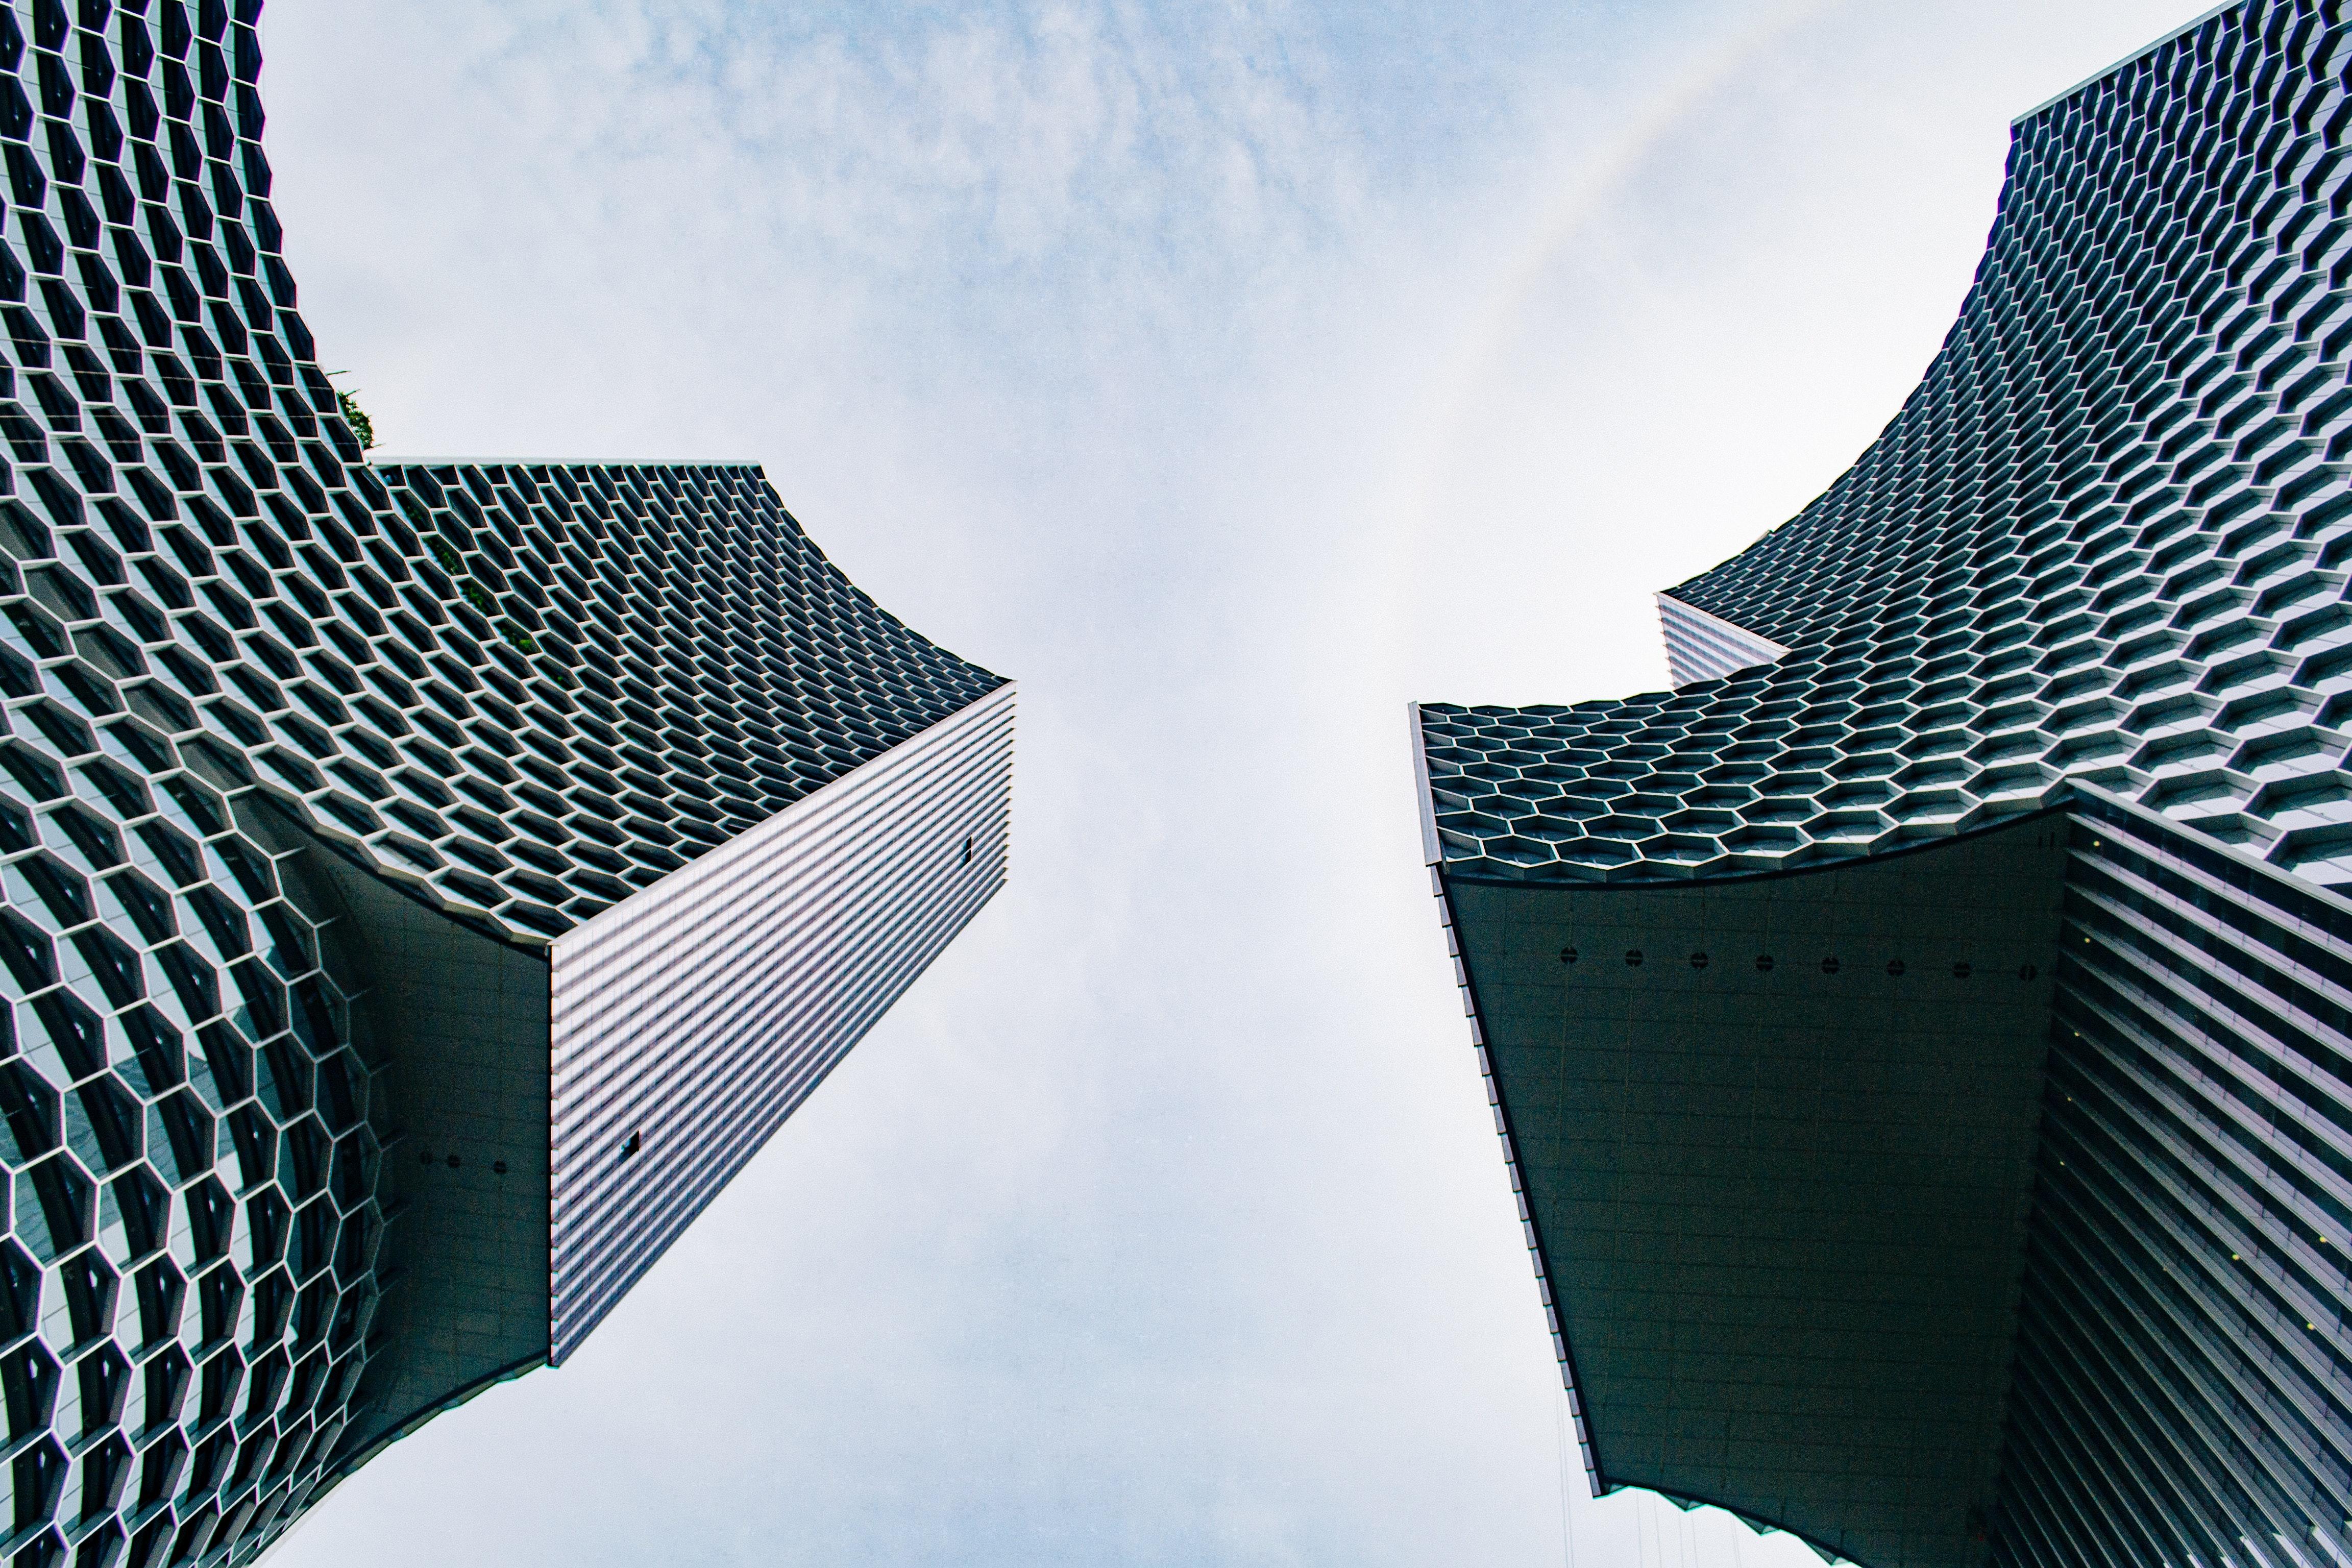 architecture-buildings-city-1619660